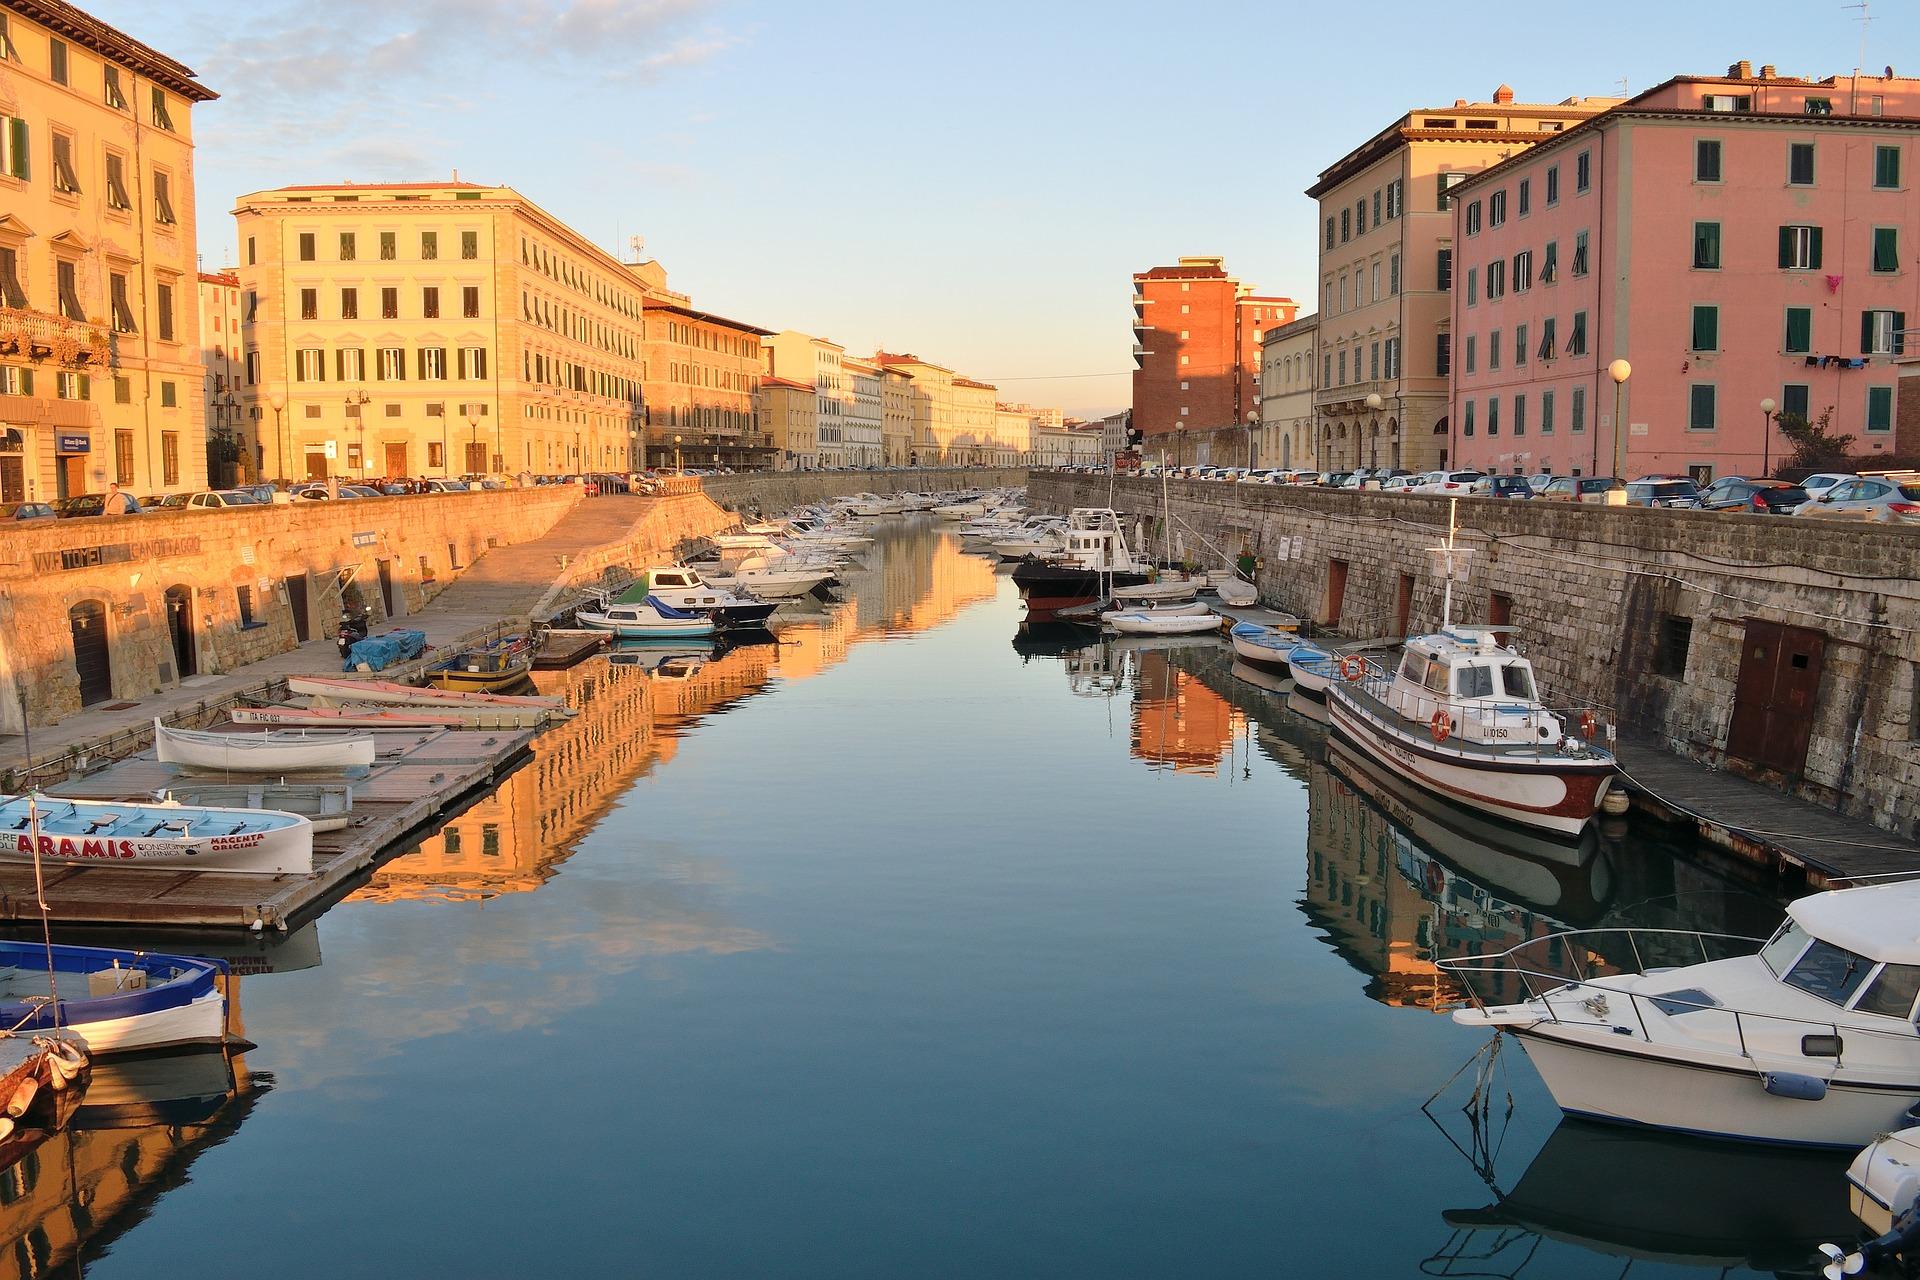 Anche Livorno adotta il Regolamento: le opinioni dei cittadini